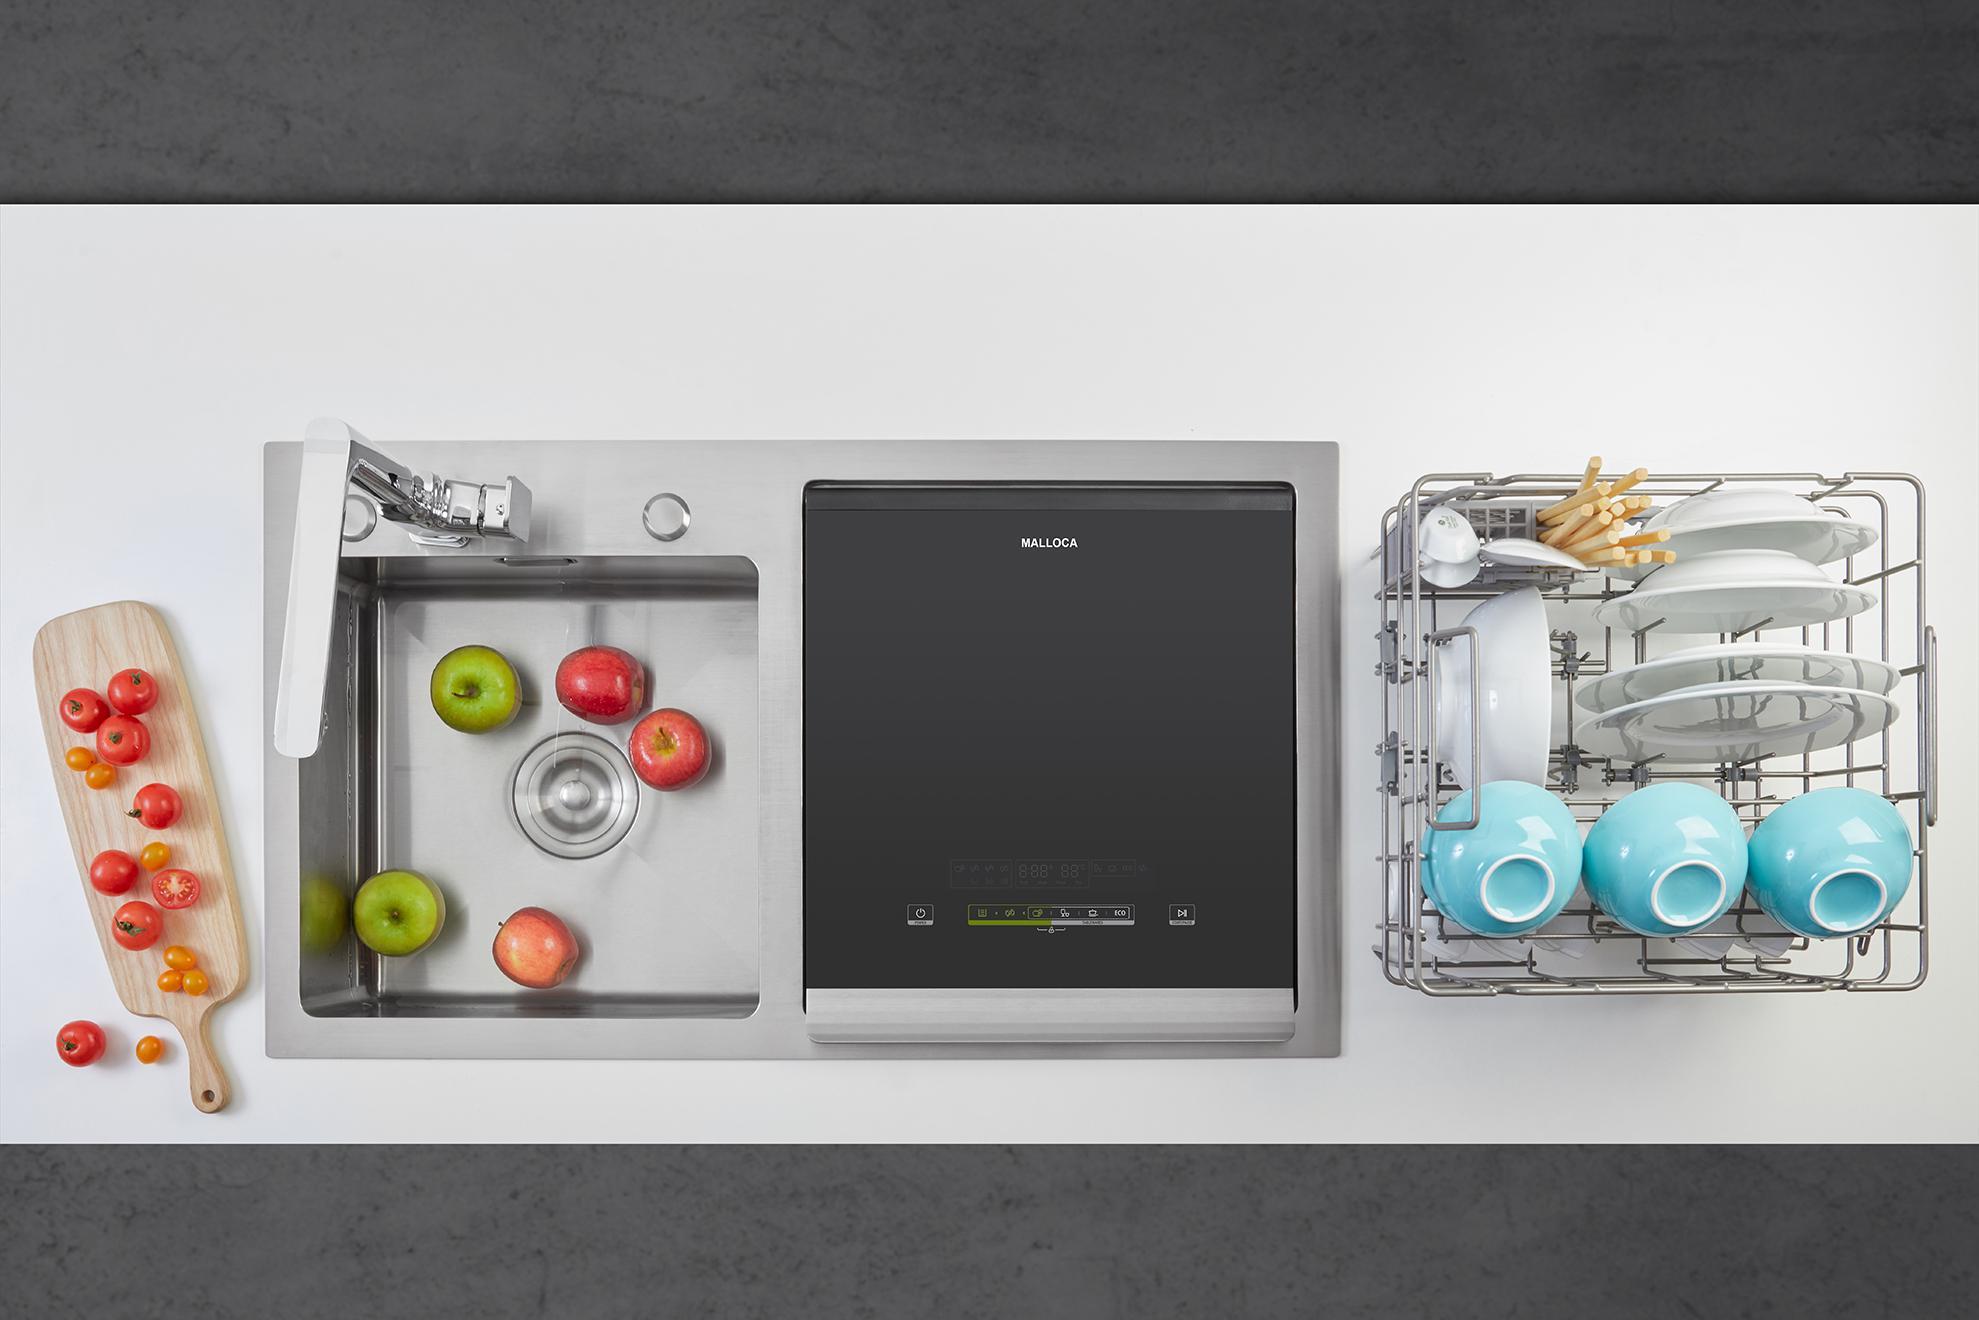 Review sản phẩm Máy rửa chén tích hợp 3 trong 1 Malloca